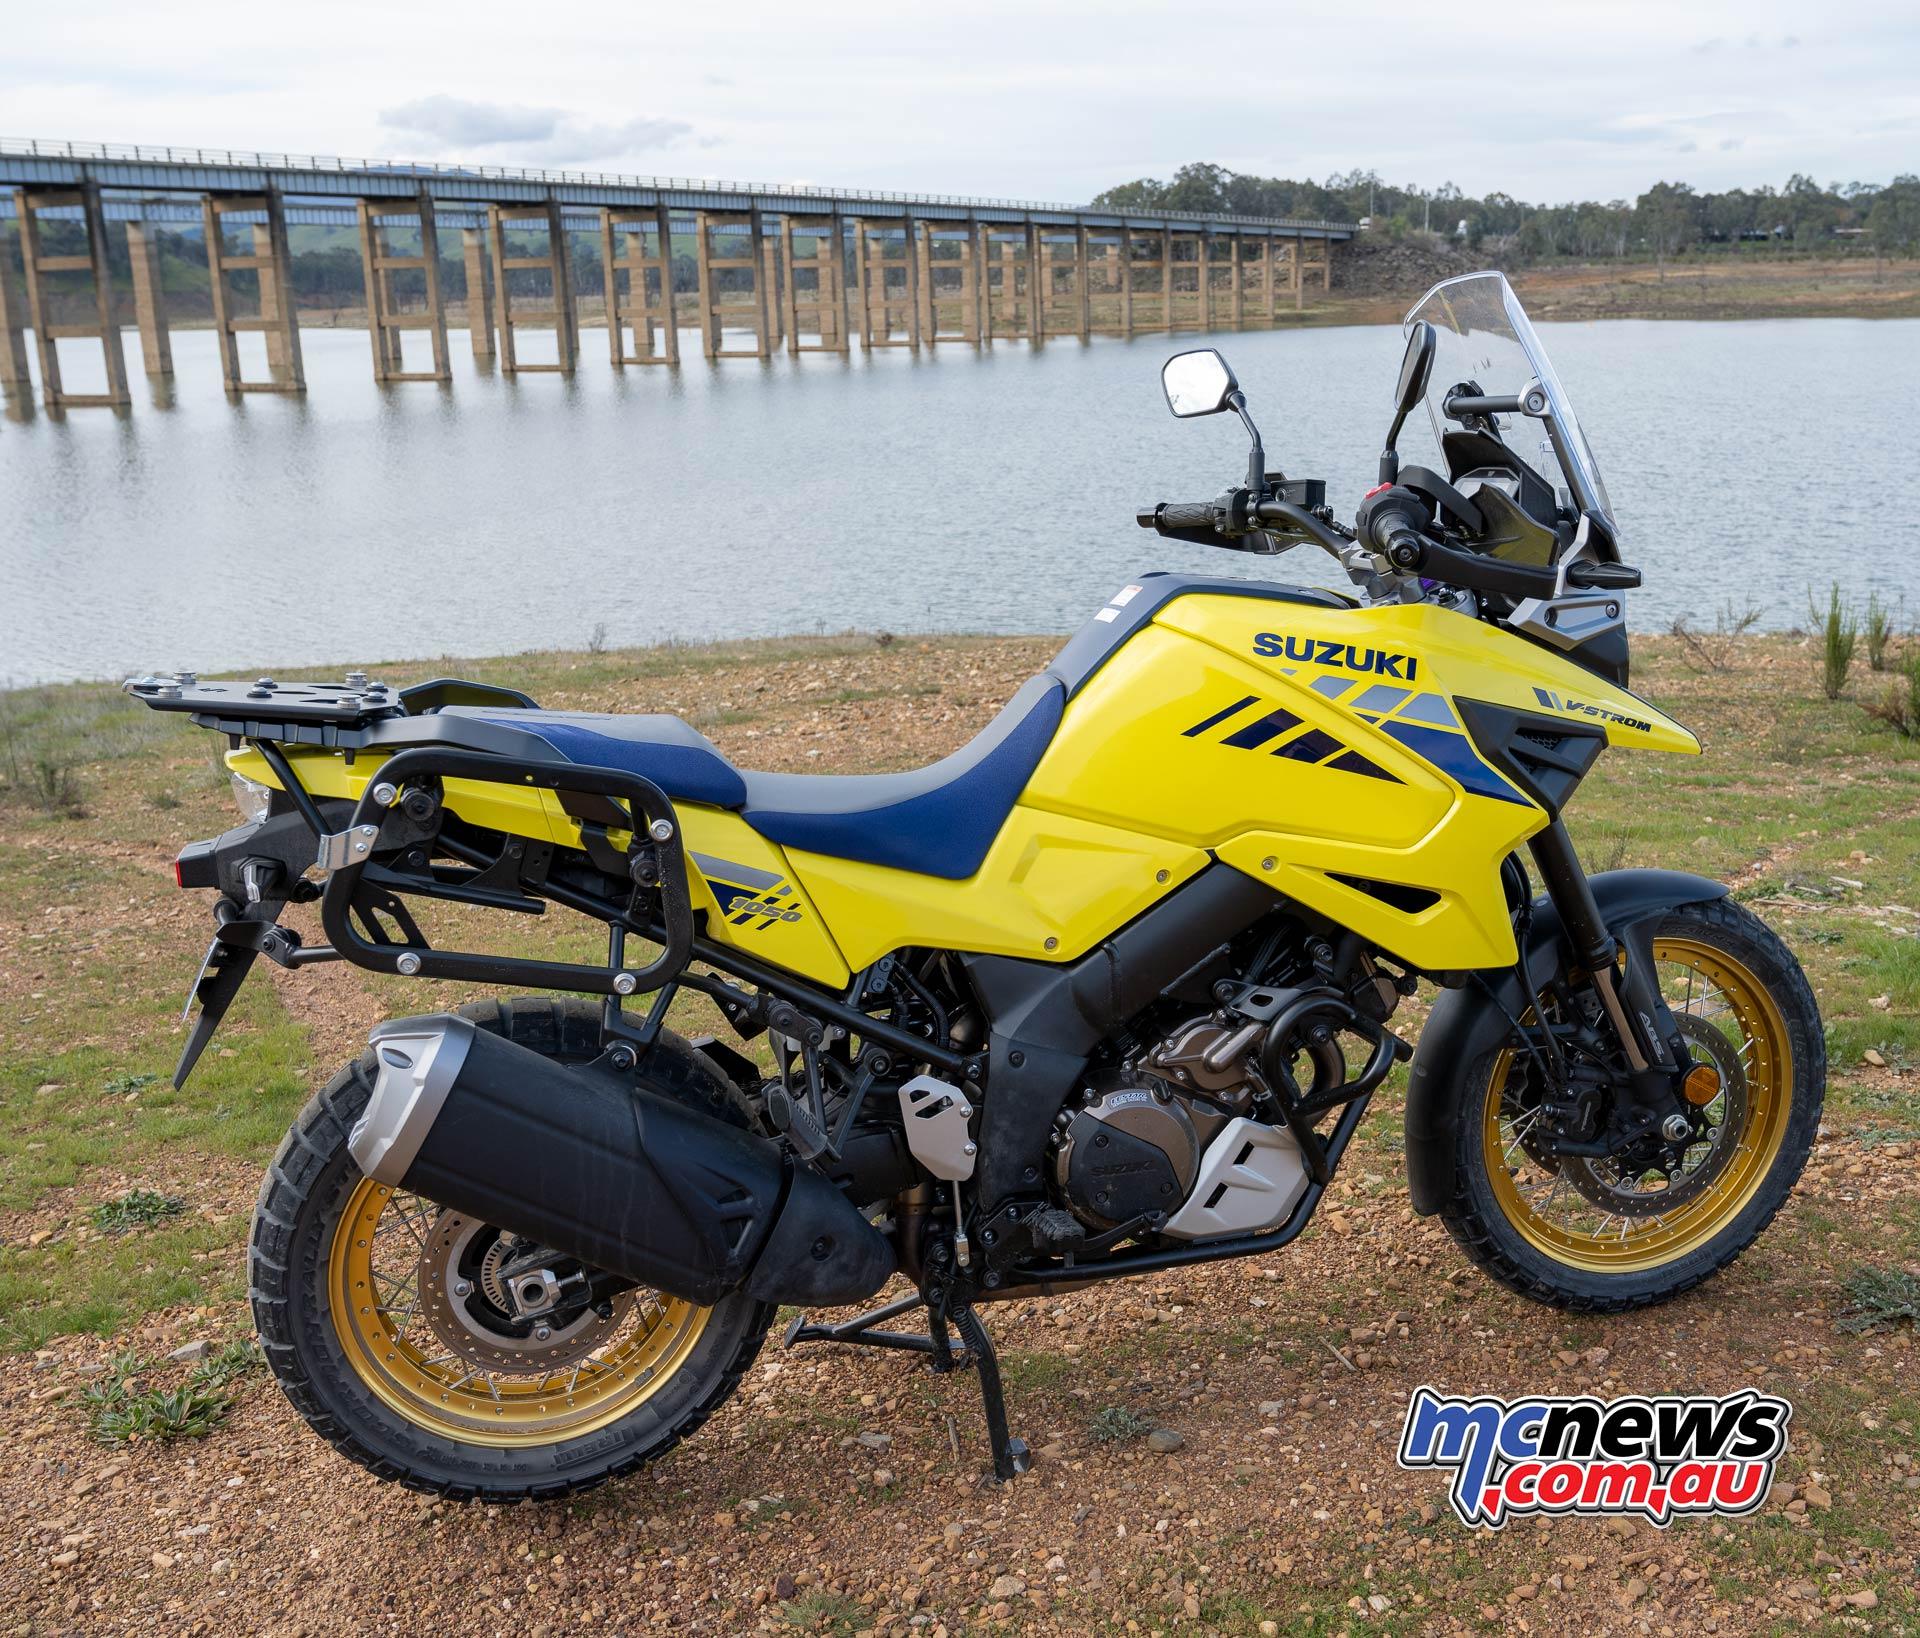 SUZUKI V-STROM 650XT - Australian Motorcycle News